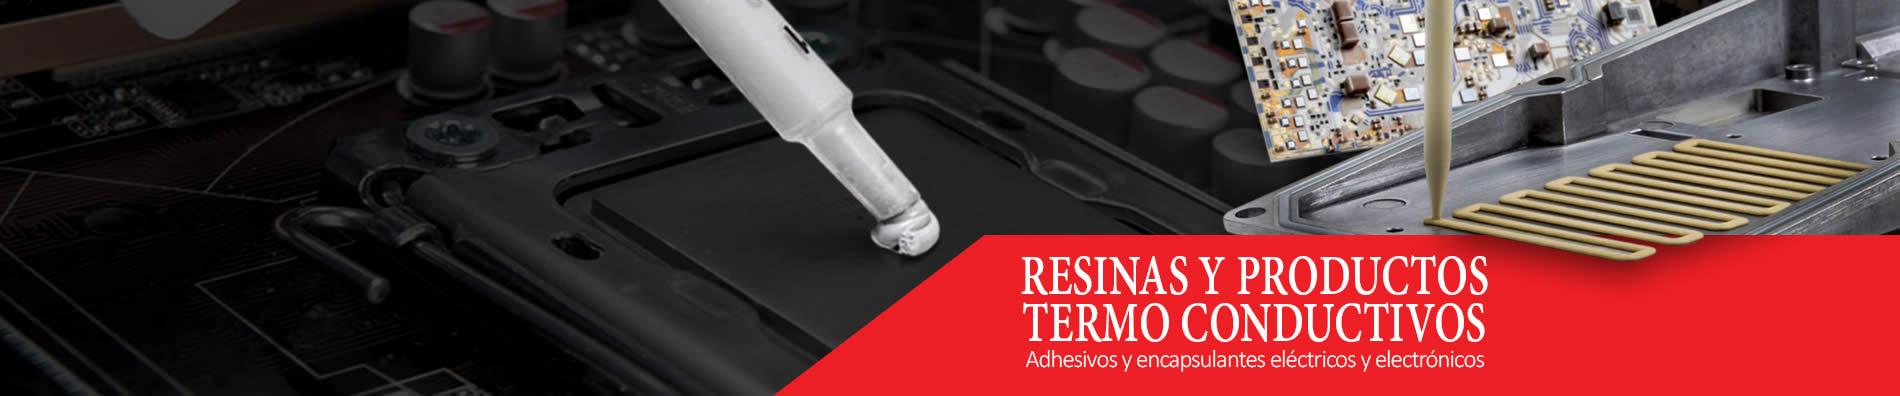 resinas_termo_conductivos